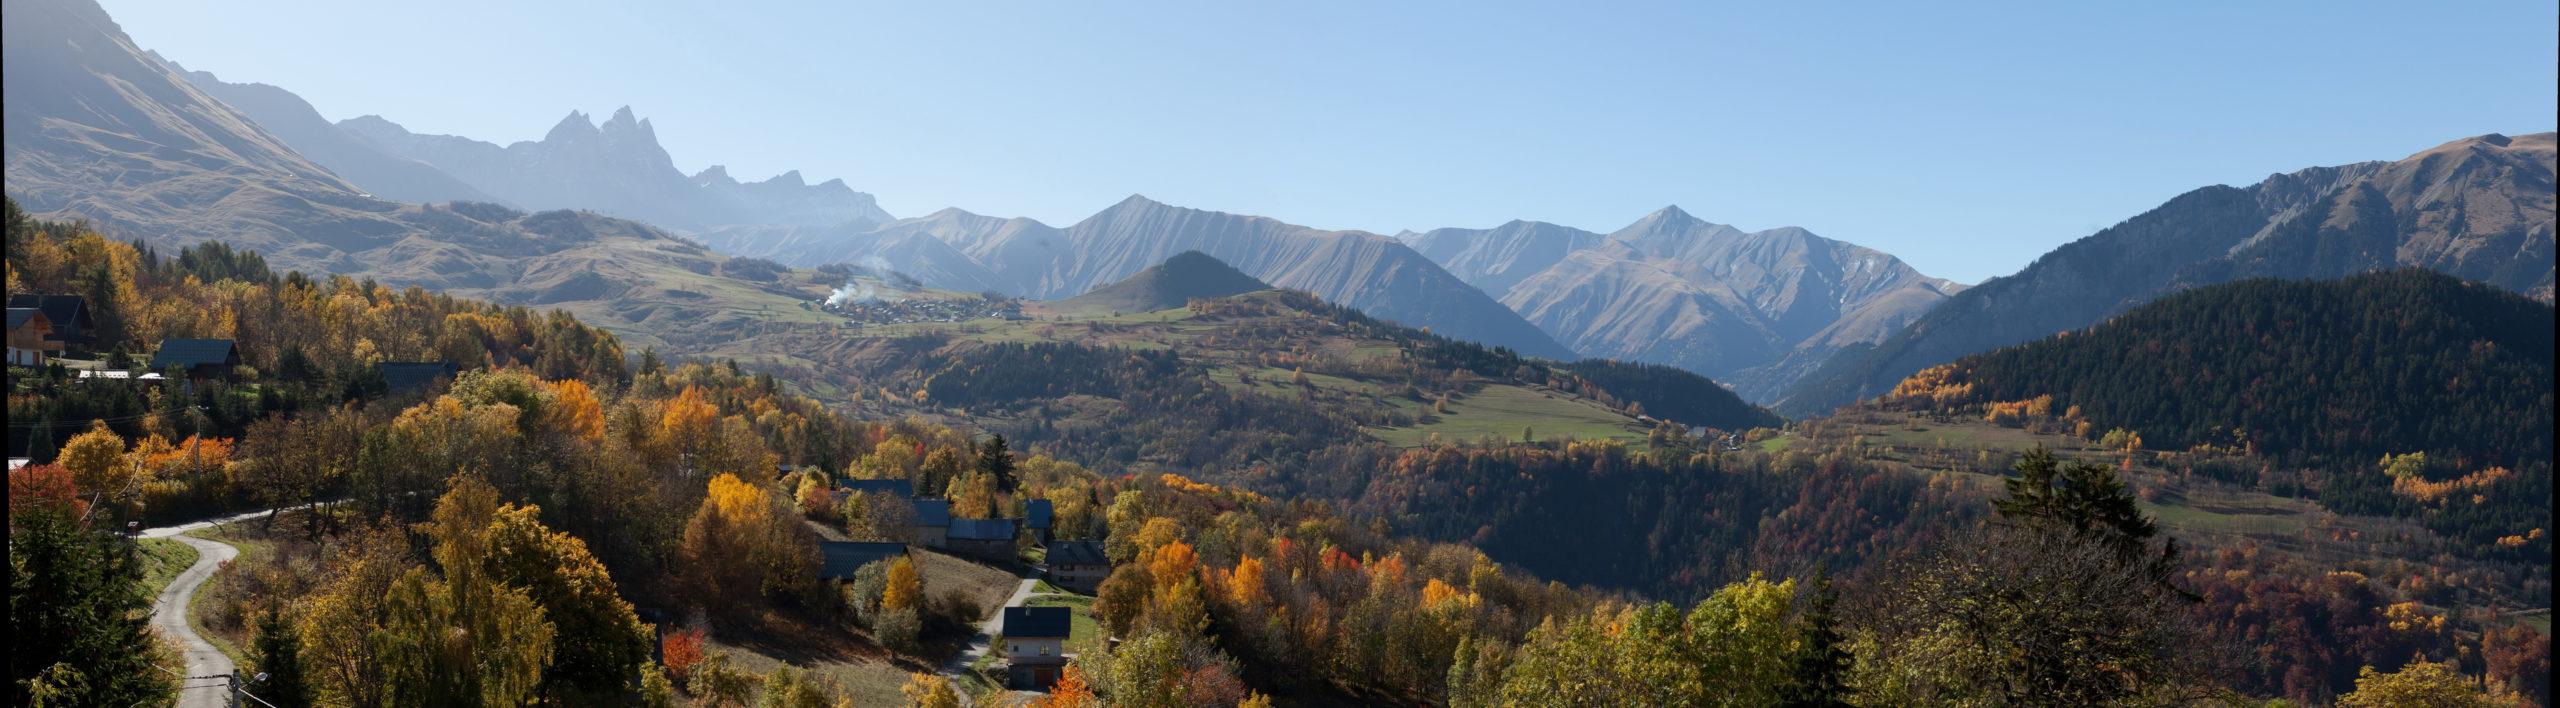 Paysage depuis Albiez-Montrond - Jean-Marc Blache